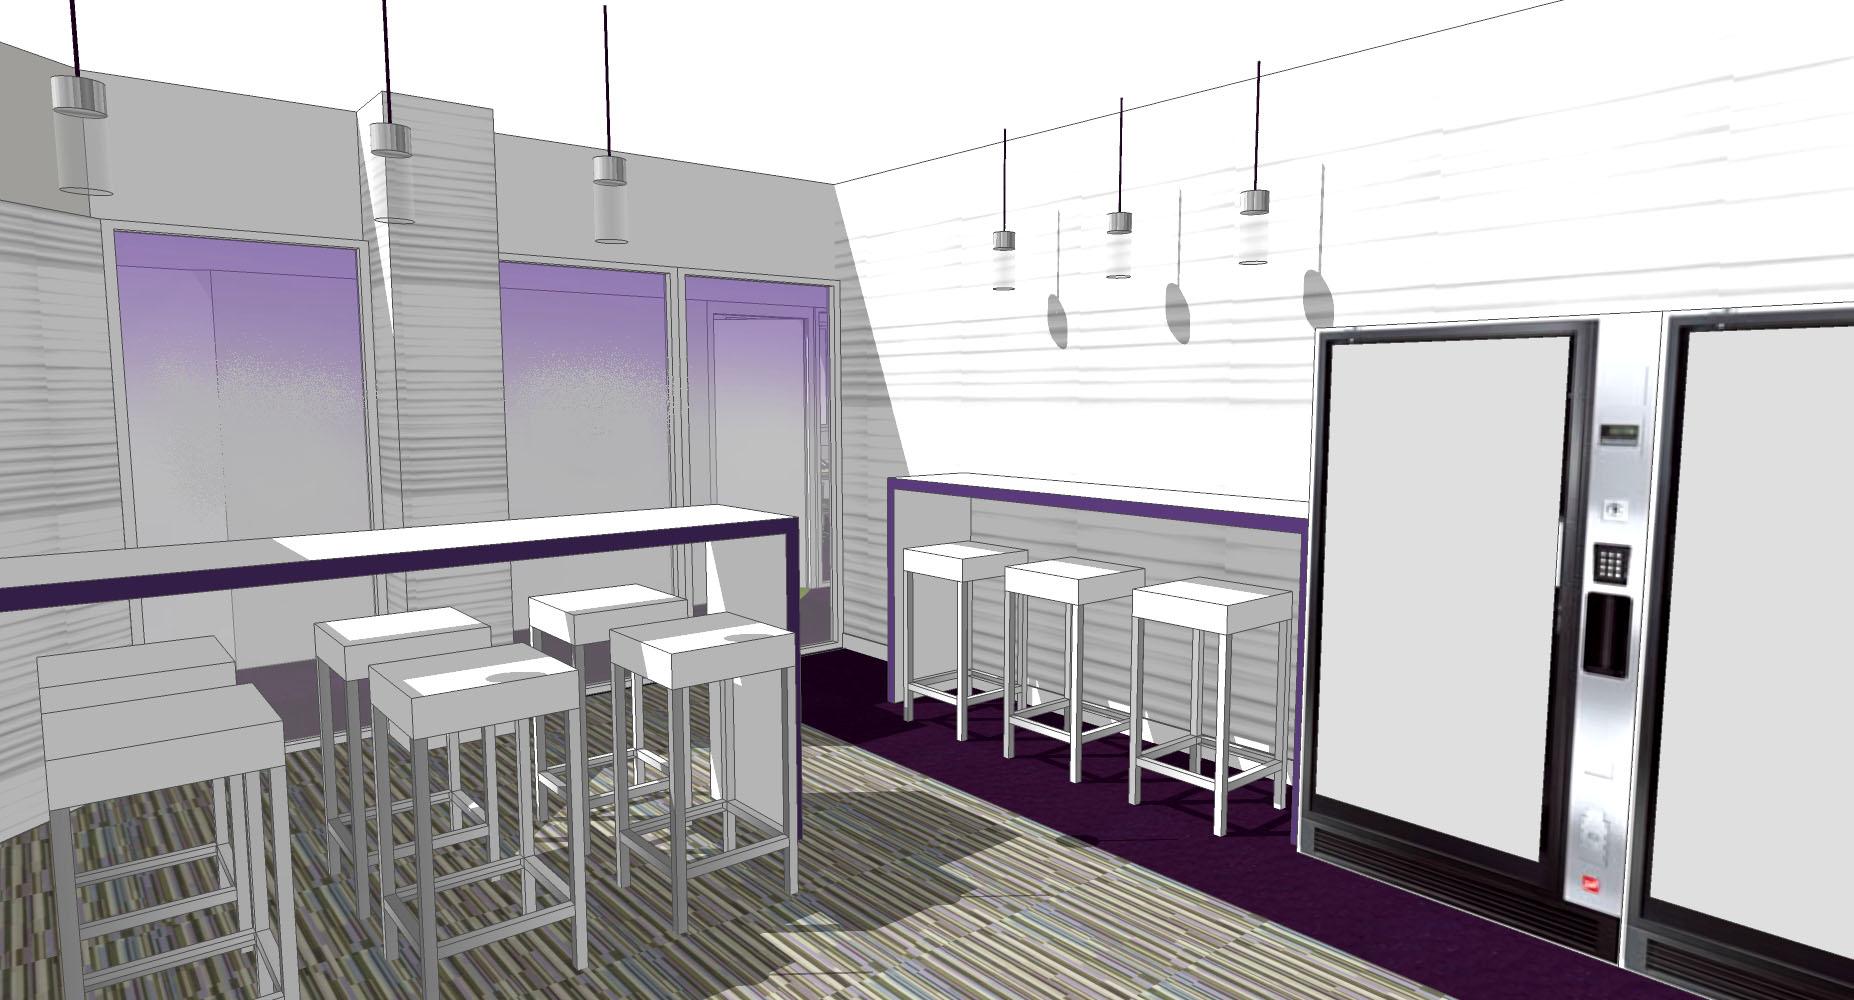 Bts design d espace : agence de design